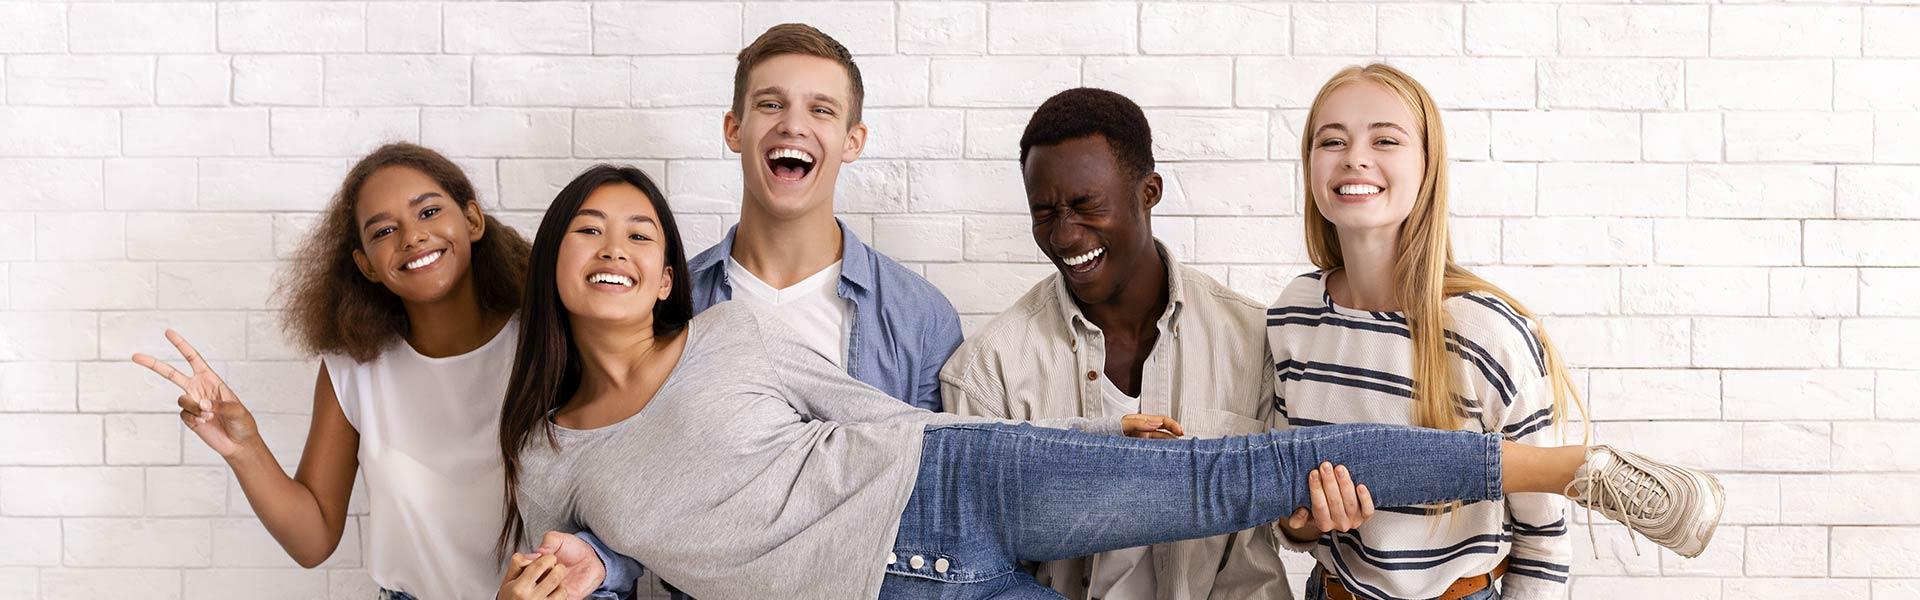 Smiling friends Dorminey Orthodontics Elk Grove Sacramento CA